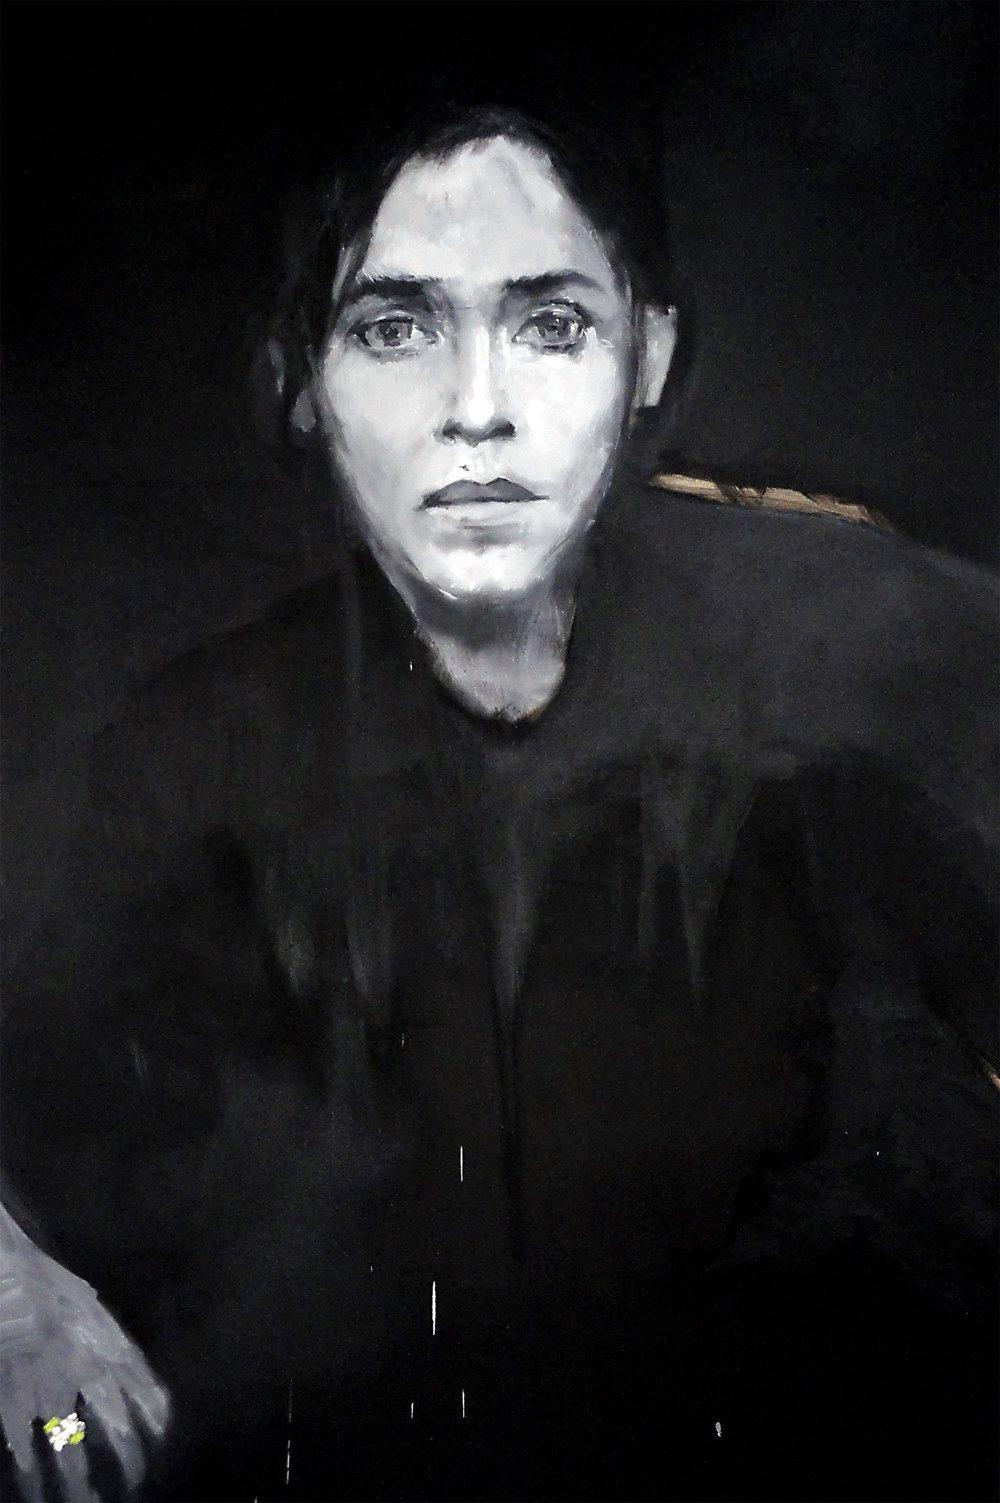 Elle le saisit par sa main blanc de lys - 20132030 x 150 cm